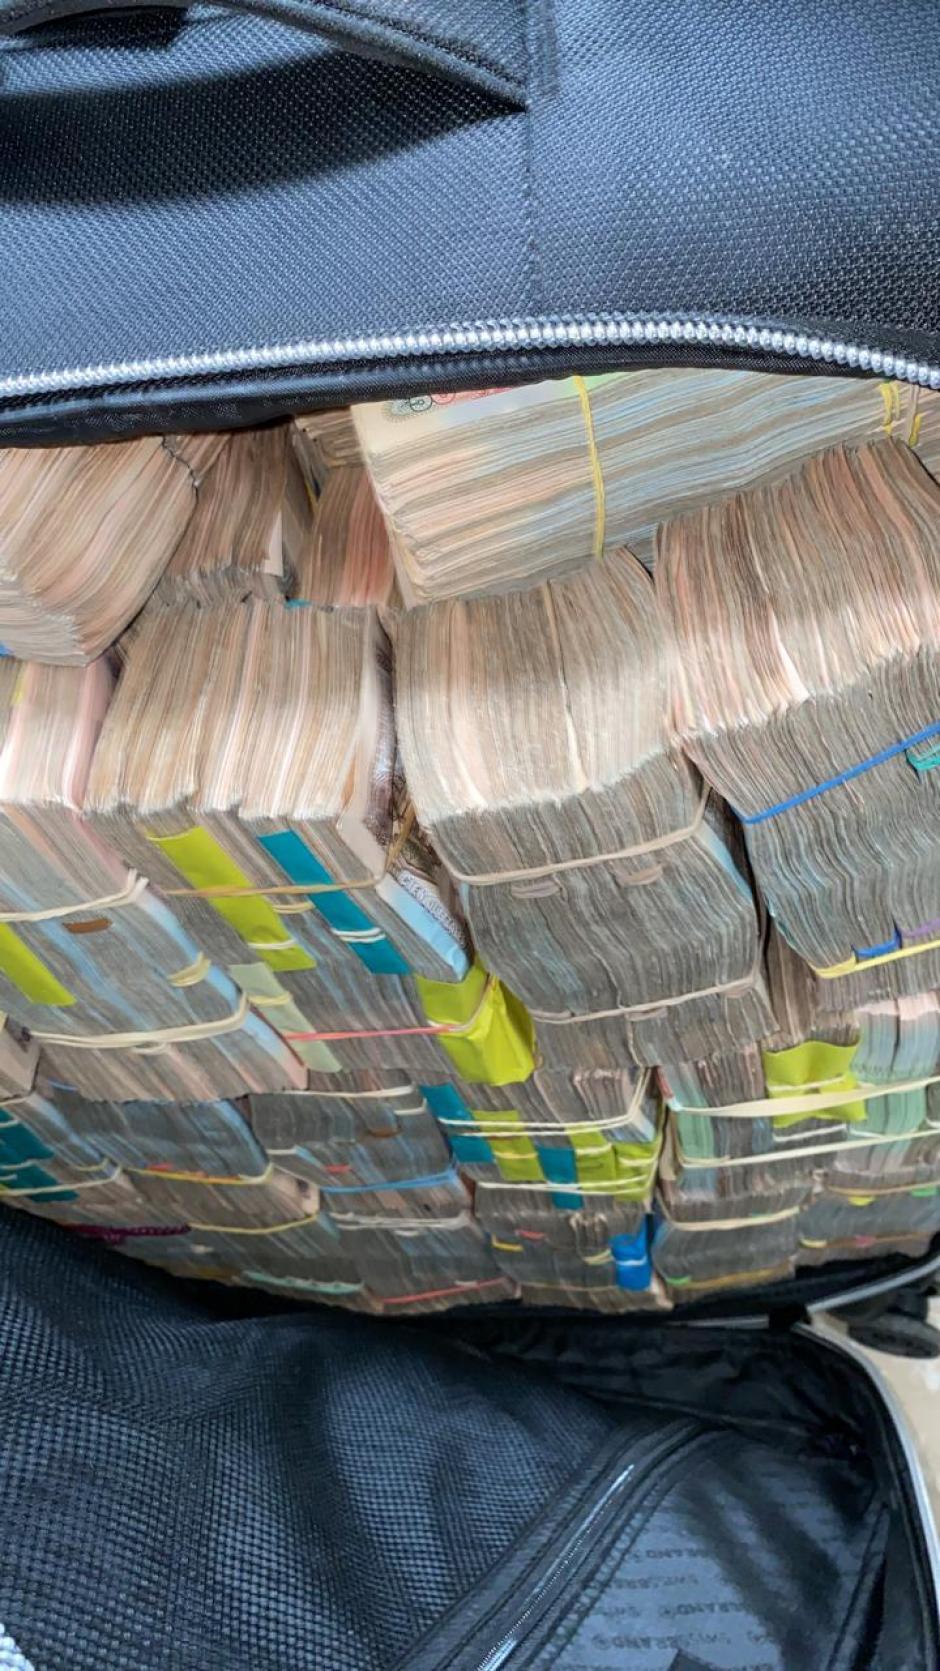 El dinero se encontraba guardado en 22 maletas. (Foto: MP)